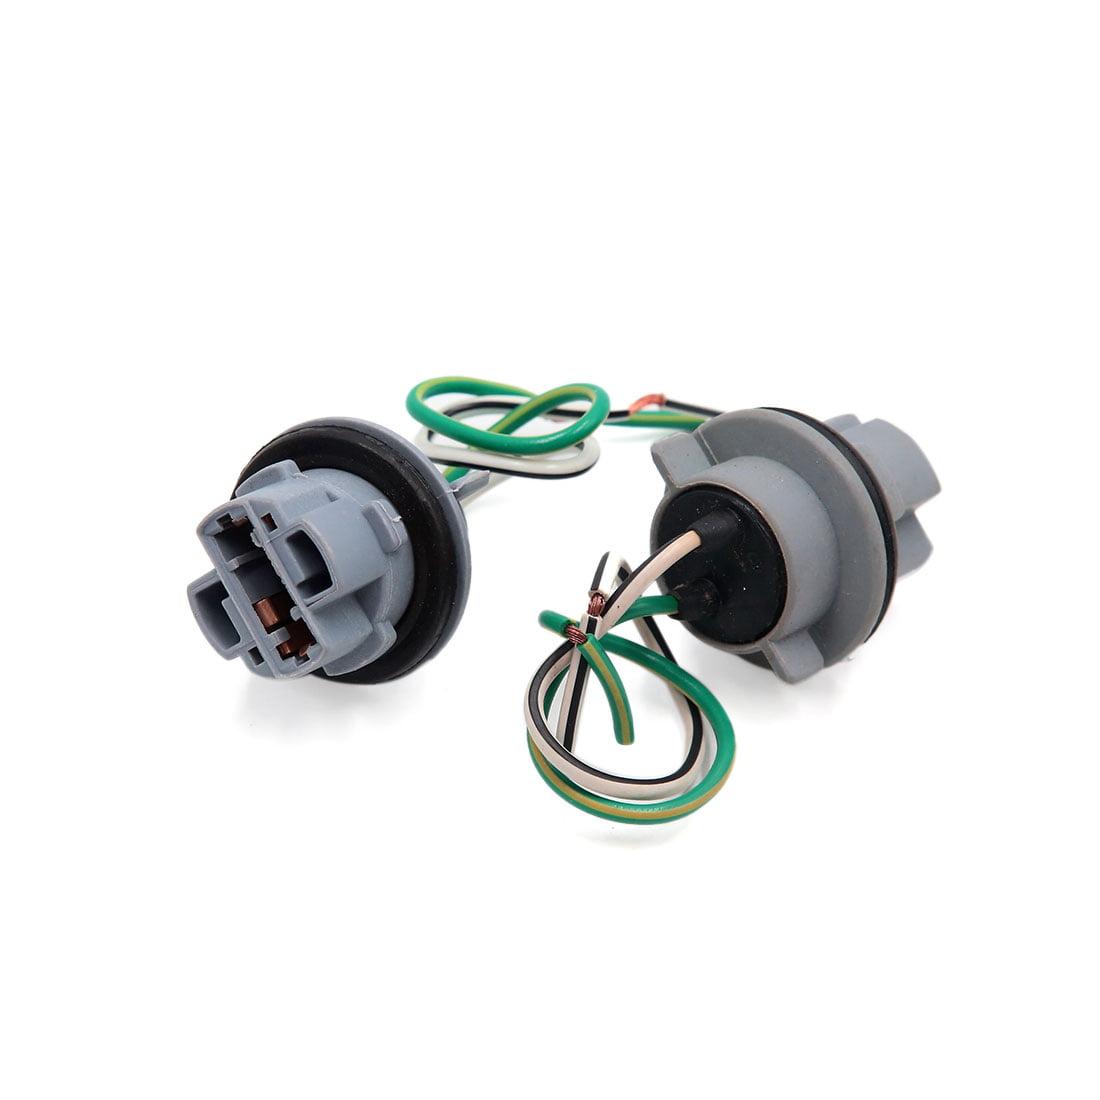 2pcs Gray Plastic Car T20 Brake Turn Signal Light Bulb Wiring Harness Socket